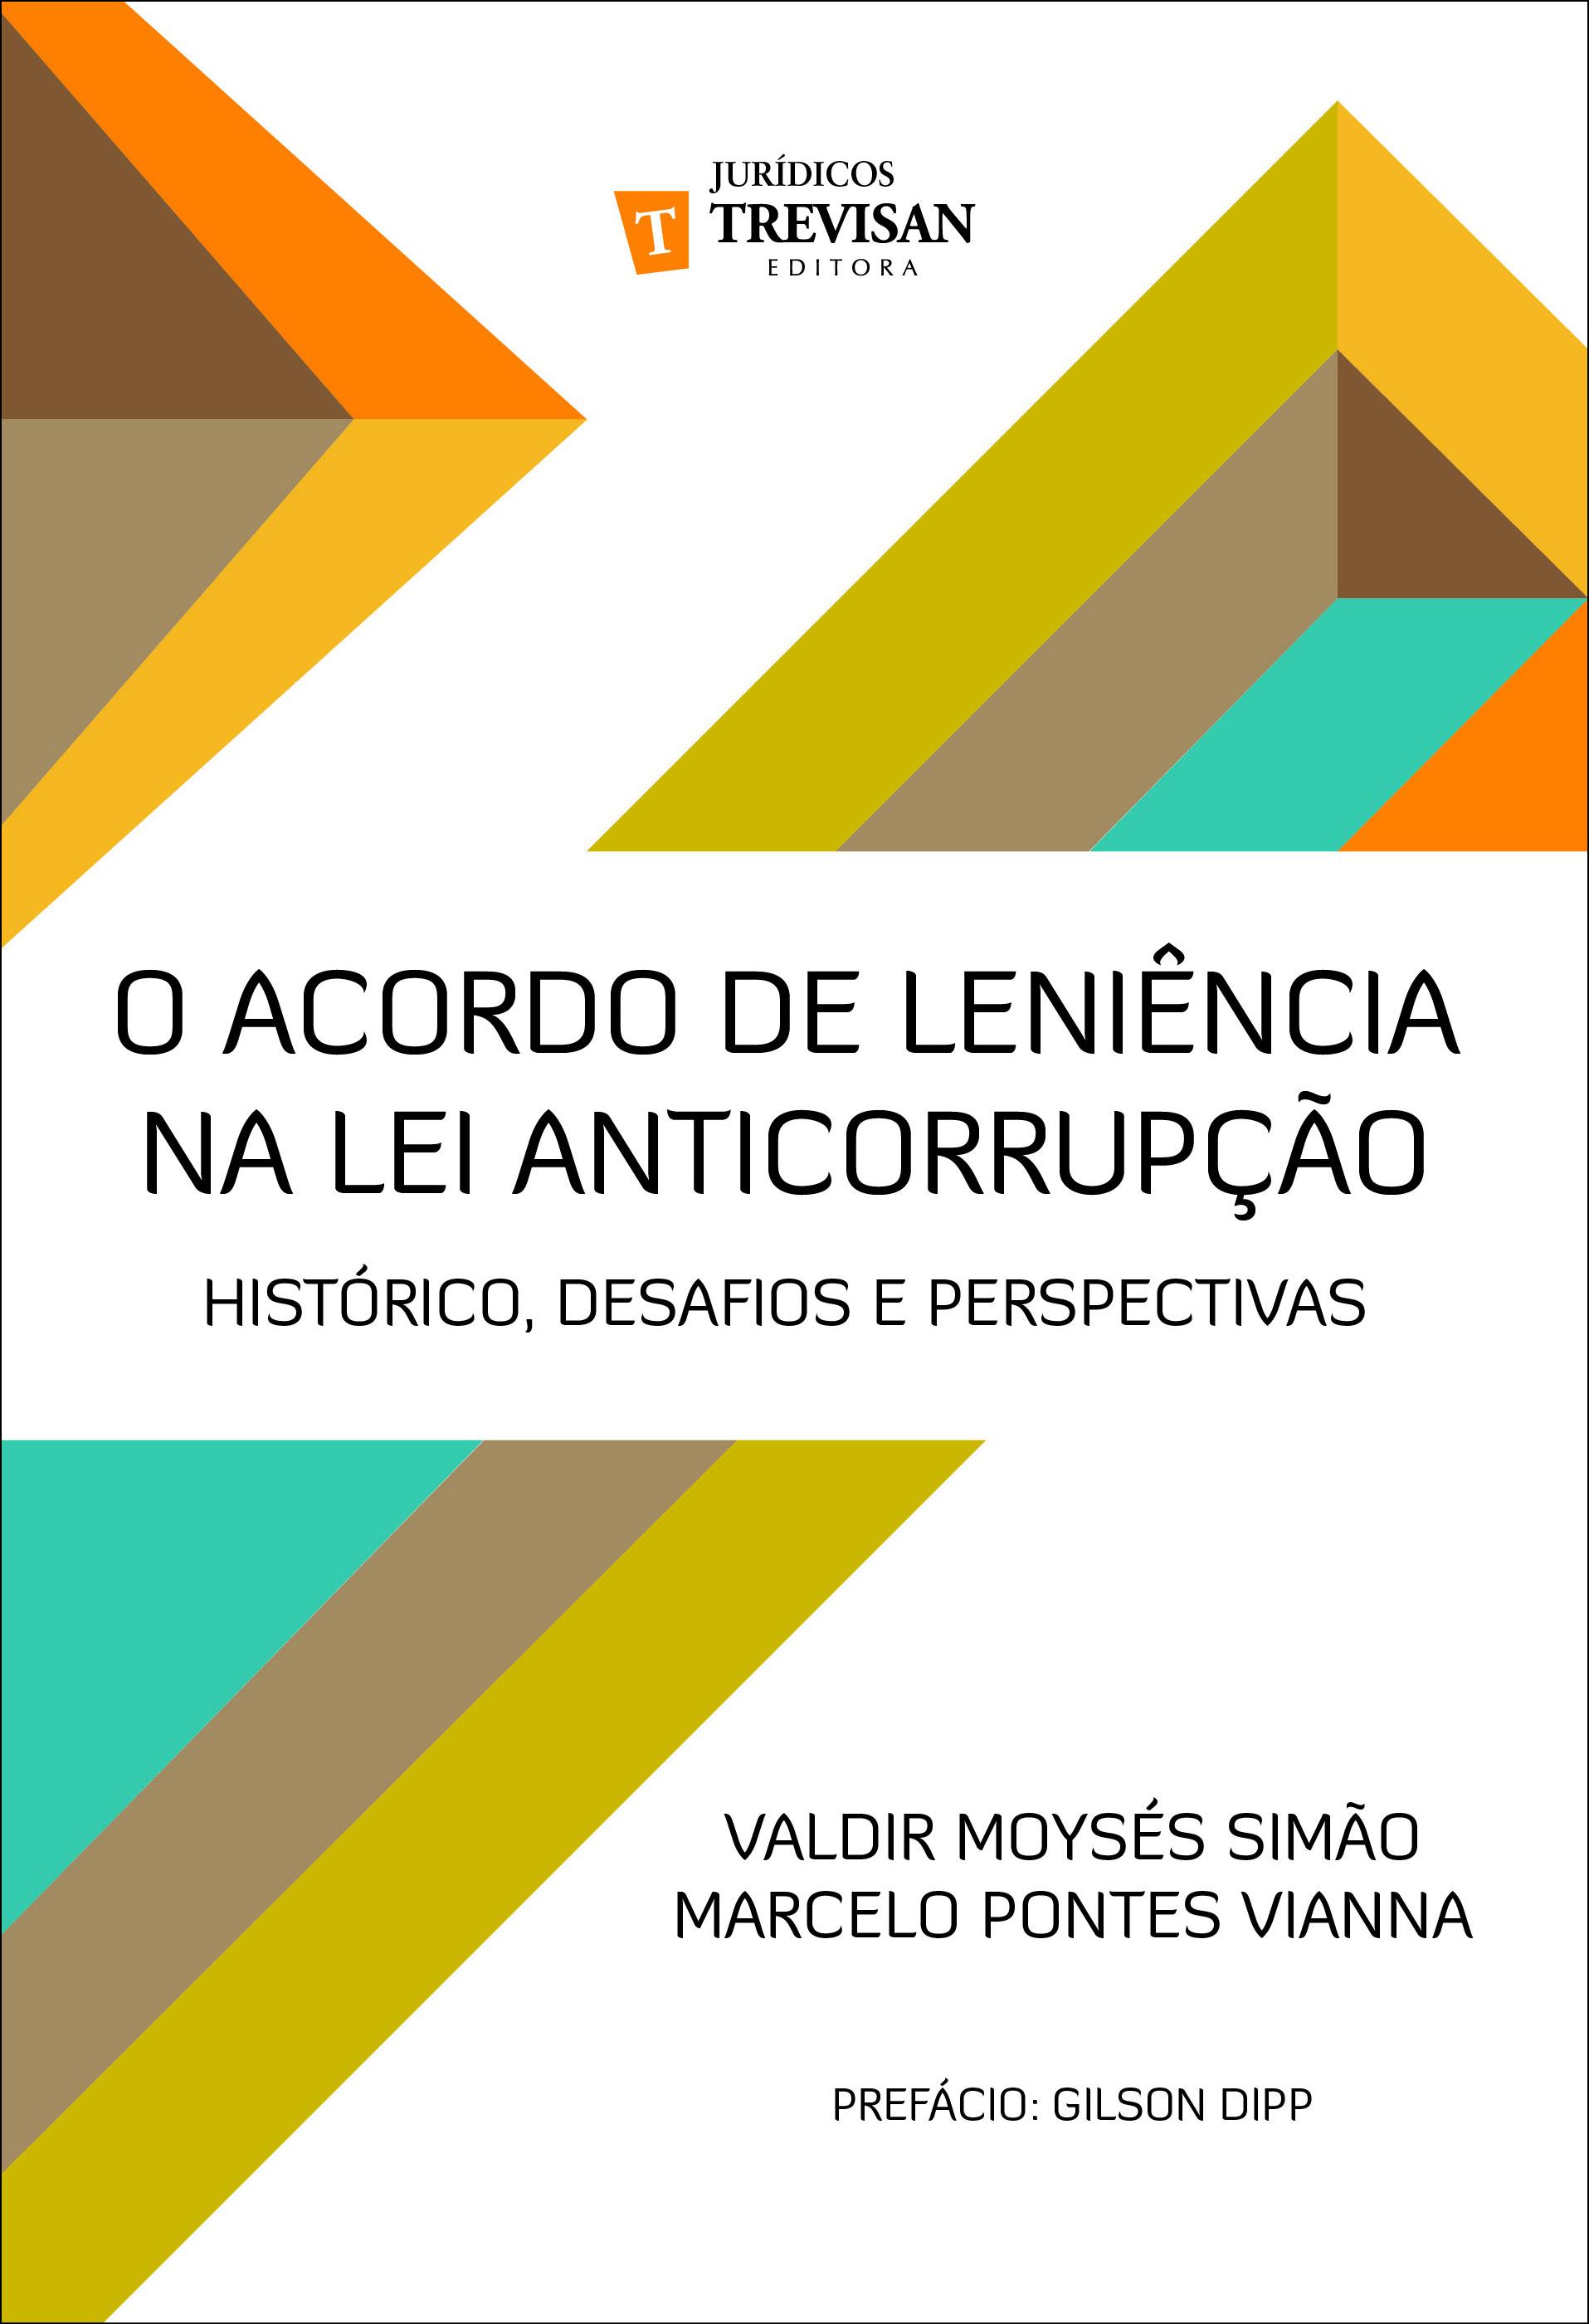 O acordo de leniência na lei anticorrupção: histórico, desafios e perspectivas